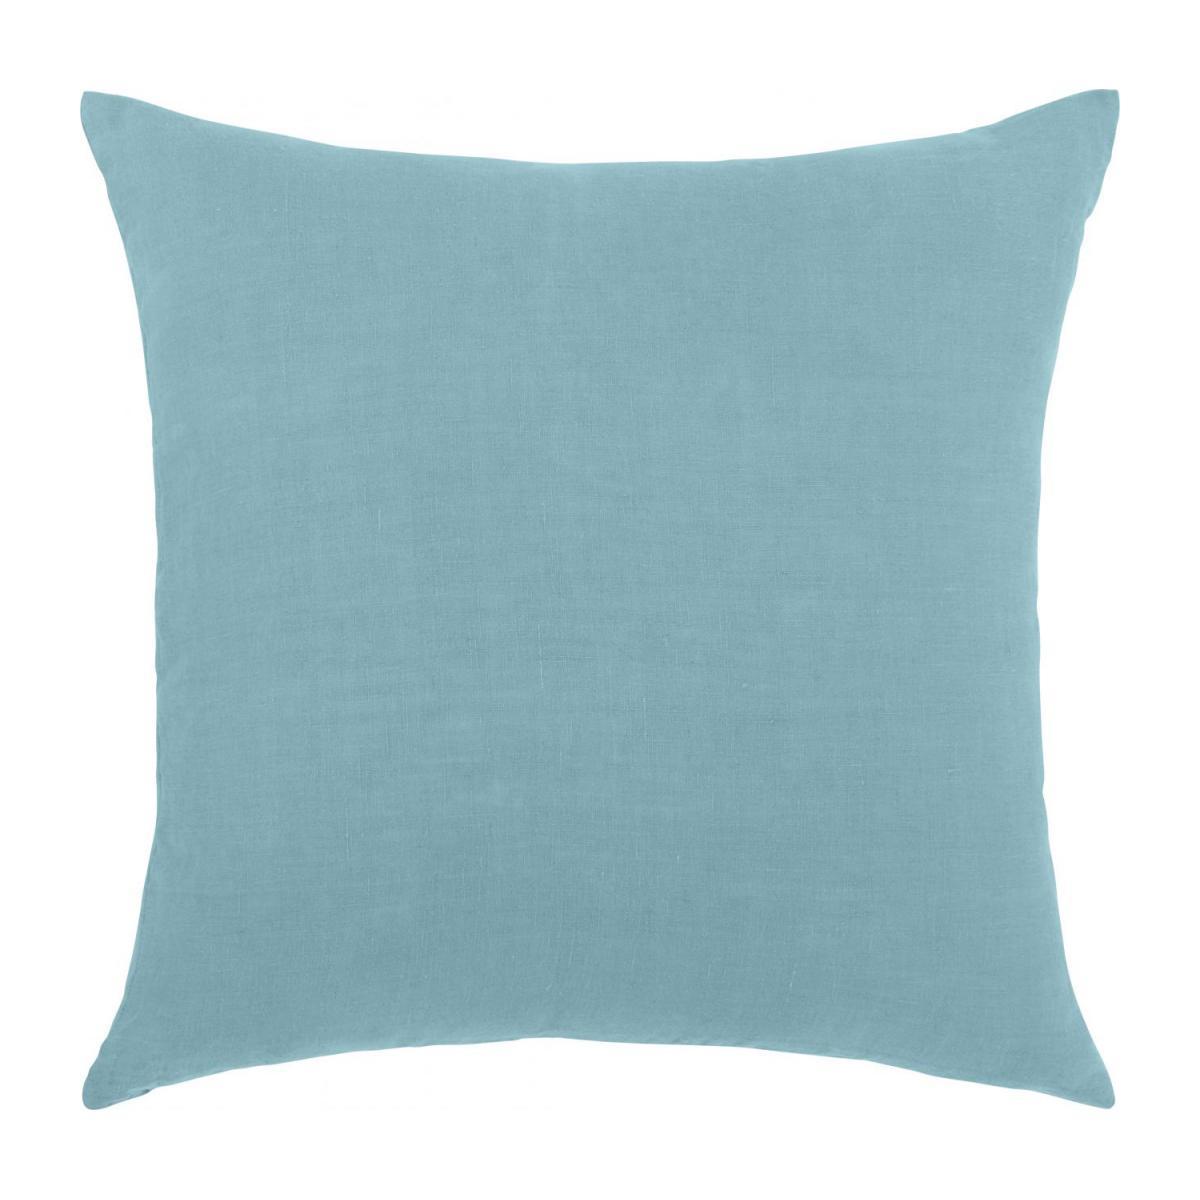 Coussin En Lin - 45 X 45 Cm - Bleu Clair à Coussin Bleu Turquoise